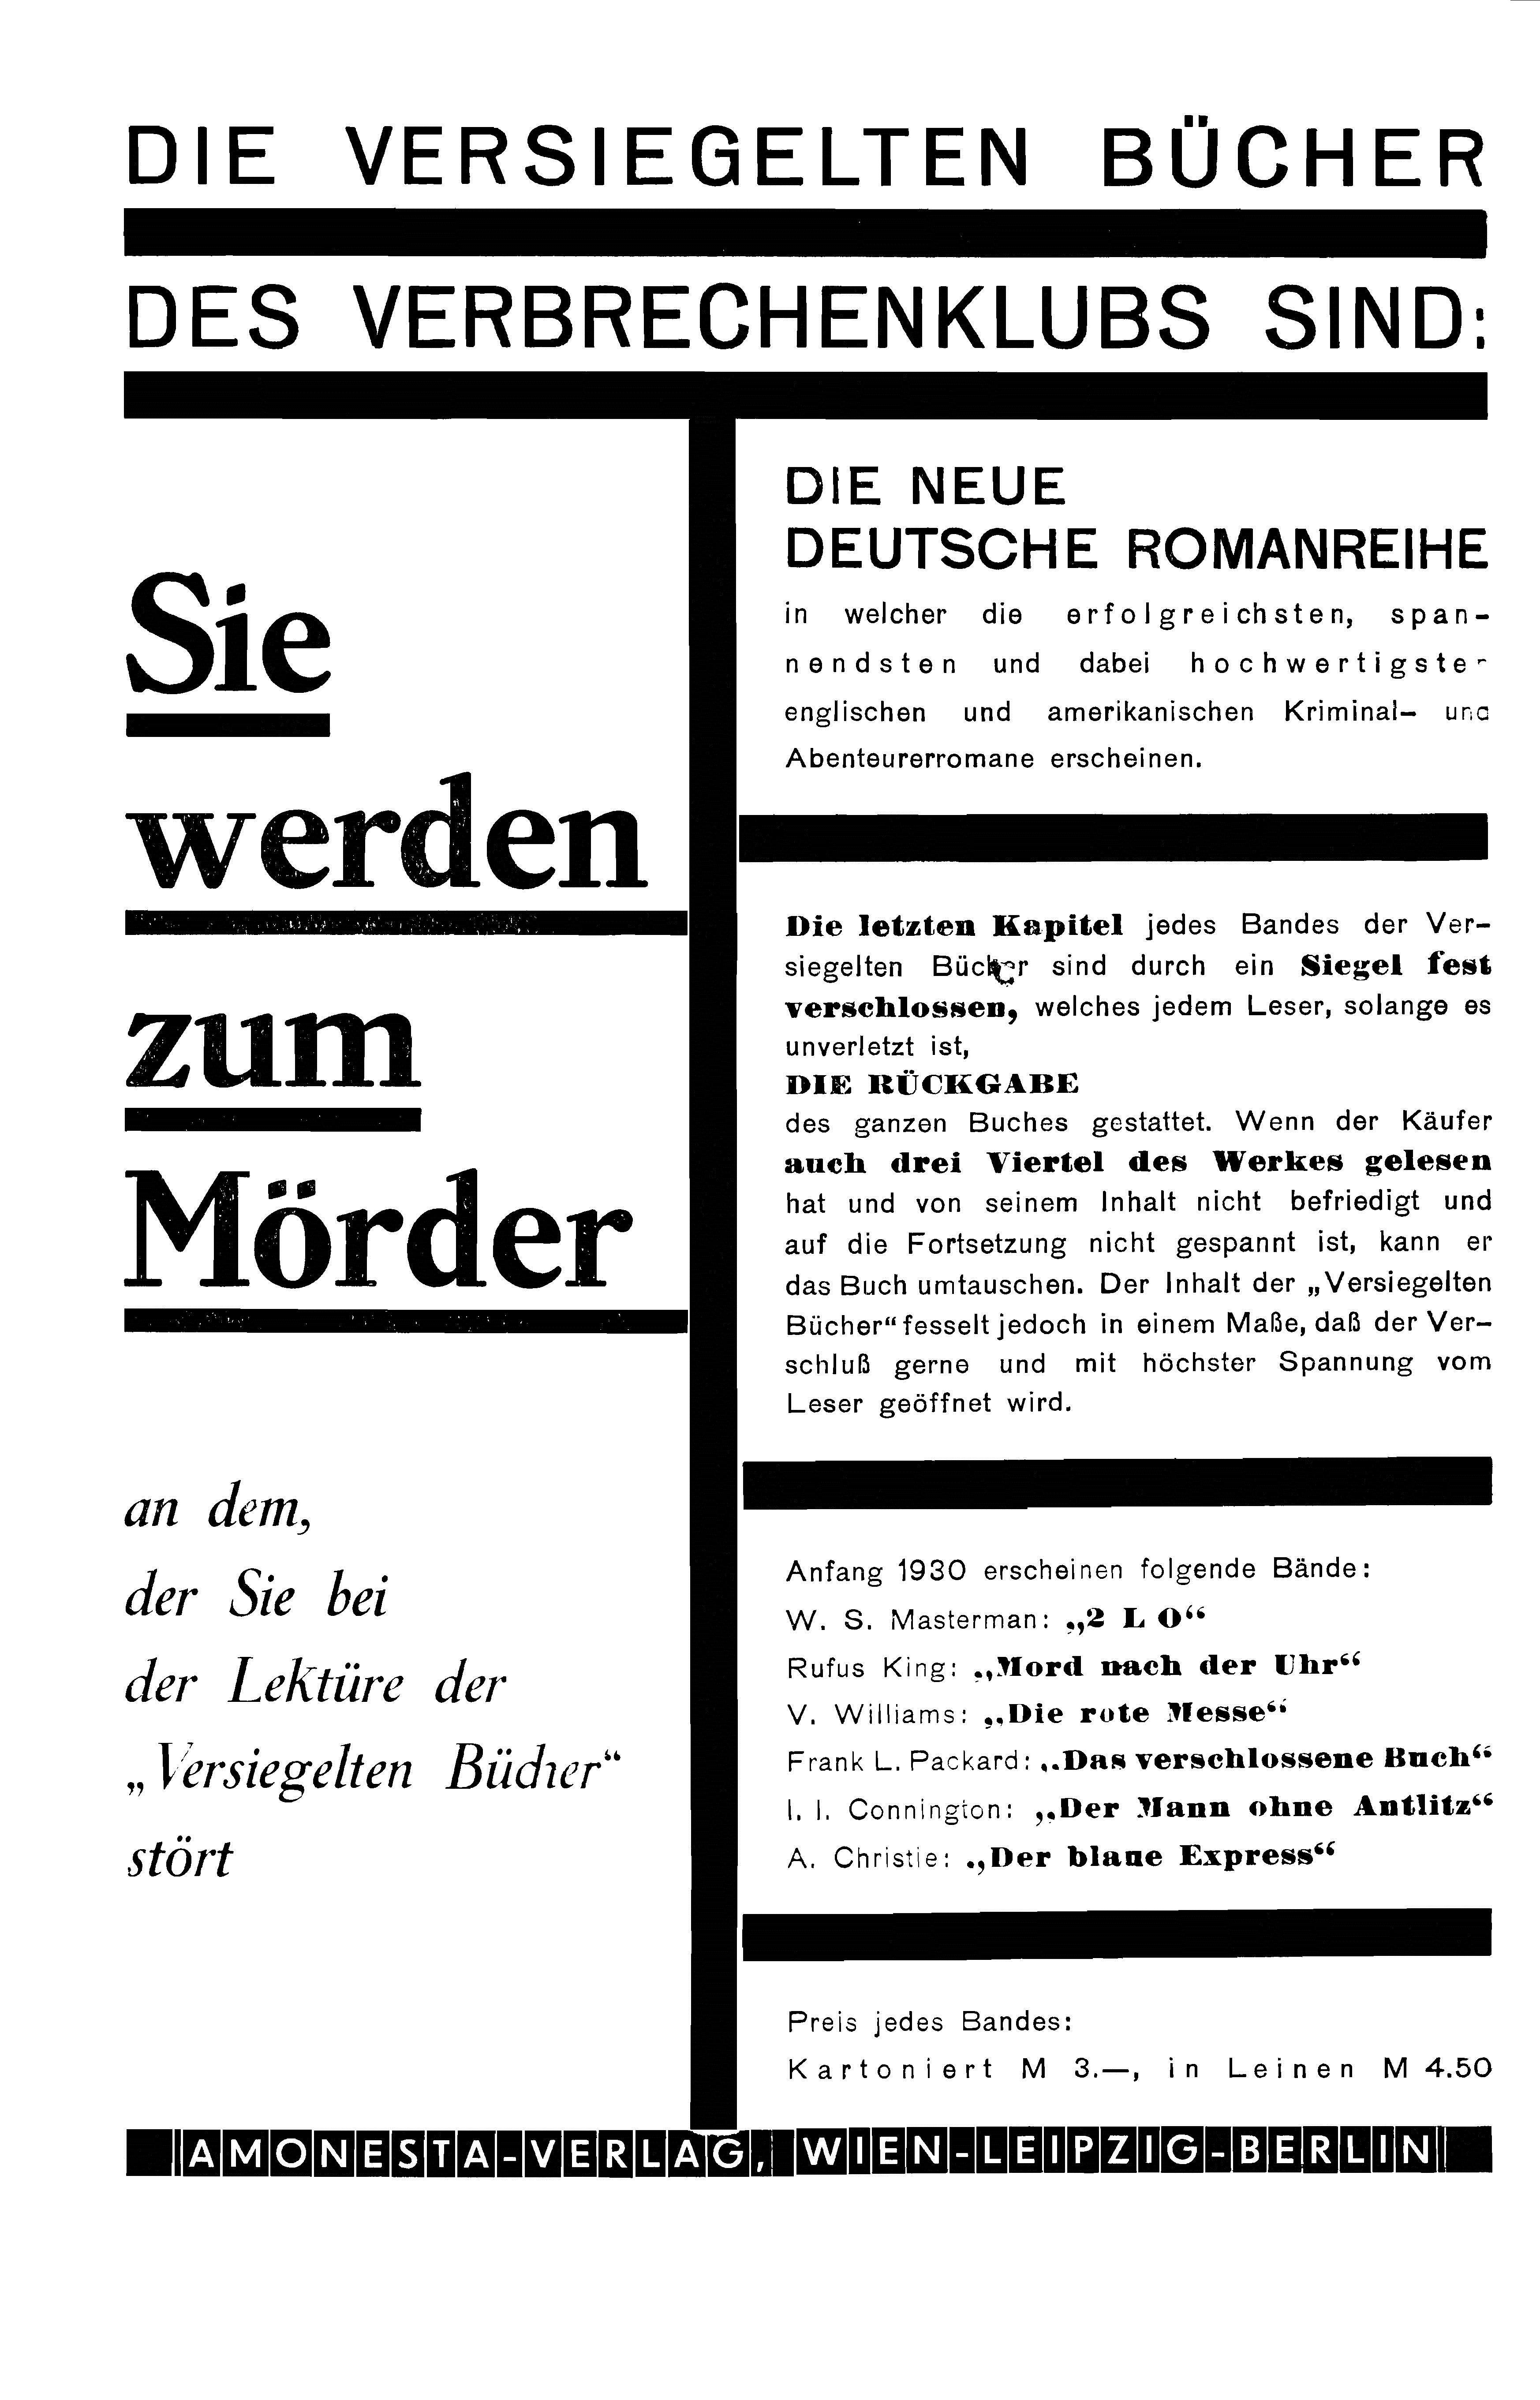 Amonesta Versiegelte Bücher 1930